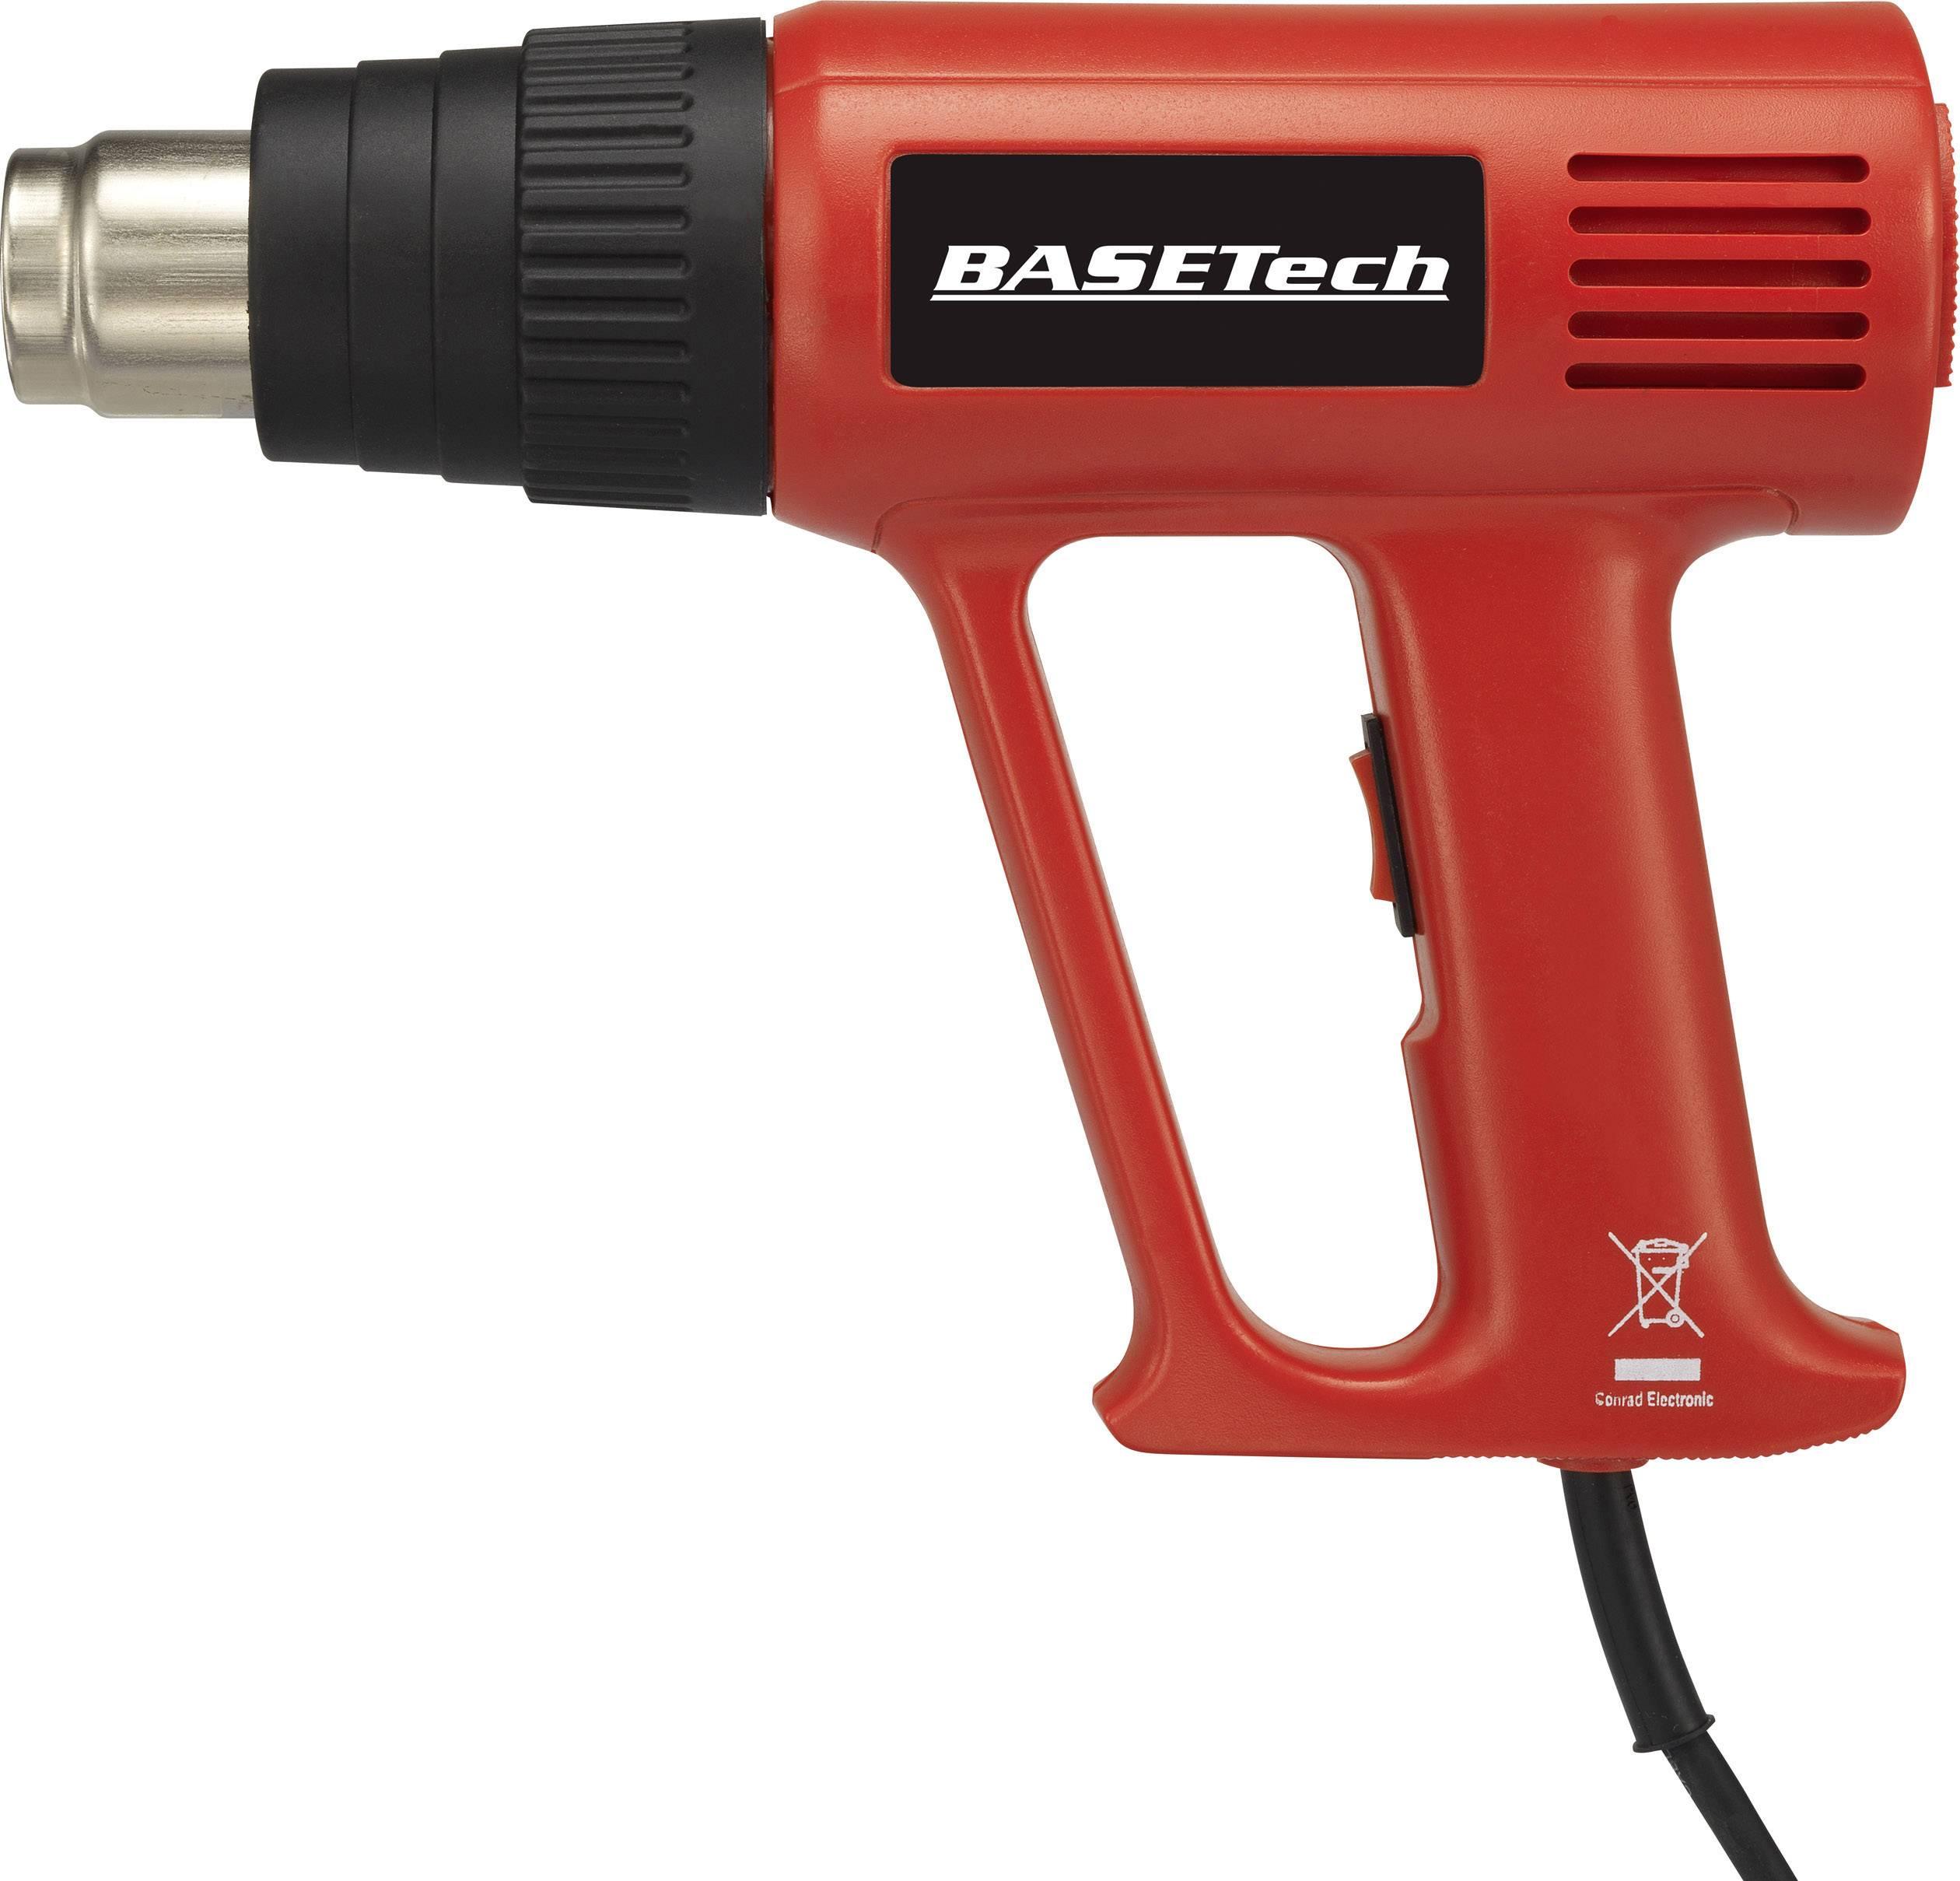 Teplovzdušná pištoľ Basetech Basetech 812537, 2000 W, 300 °C, 600 °C